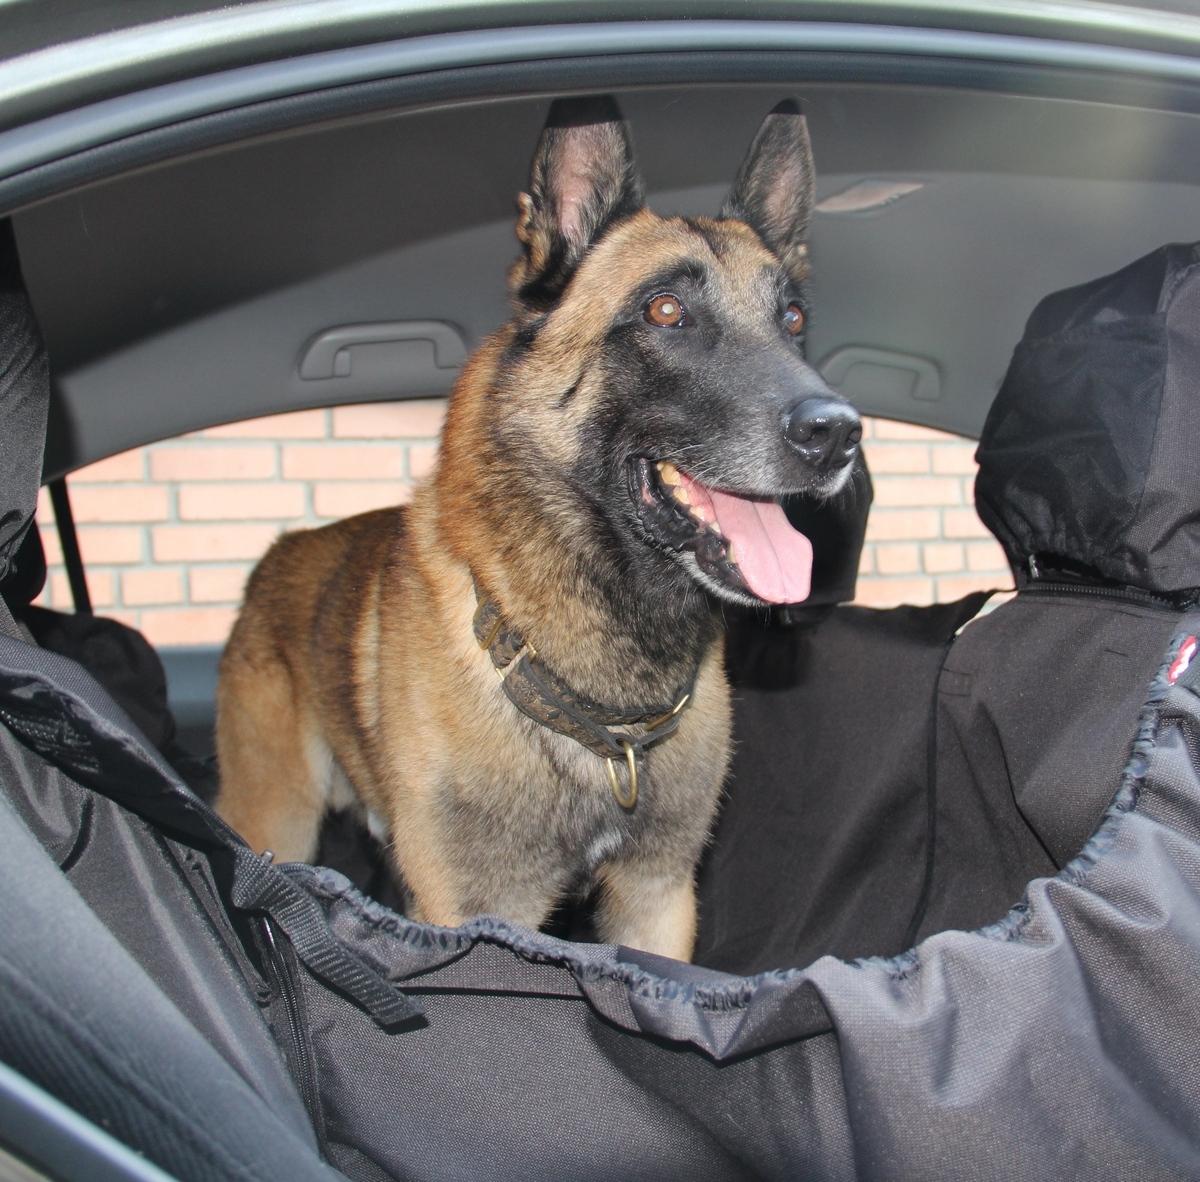 Автогамак для собак OSSO Fashion Car Premium, с защитой обивки дверей, цвет: серый0120710Автогамак OSSO Fashion Car Premium с защитой обивки дверей – это 3 автогамака в одном: – вы можете его использовать на полное сидение, на 1/3 сидения, на 2/3 сидения и в багажнике, достаточно только перестегнуть боковые части гамака.Автогамак OSSO Fashion Car Premium с защитой обивки задних дверей имеет ряд преимуществ: – легко монтируется между передними и задними сиденьями любой марки автомобиля, его можно устанавливать в багажном отделении салона (автомобилей с кузовом «универсал» или внедорожников)– конструкция автогамака OSSO Fashion Car Premium с защитой обивки задних дверей предохраняет от загрязнений сидения, обивку салона и обивку дверей– идеально подходит для собак всех пород, не вызывает раздражения у животных– конструкция гамака надежно защищает питомца во время поездок (движения/торможения) – собака уже не соскользнет с заднего сидения даже при резком торможении – а также ограничивает её передвижение по салону.Автогамак OSSO Fashion Car Premium с защитой обивки дверей незаменим при транспортировке животного на прогулку, для поездок в ветклинику, на выставку, охоту, рыбалку и дачу; сидения и обивка задних дверей автомобиля гарантировано не поцарапаются, не испачкаются и не промокнут, даже если в автогамаке будет ехать совершенно мокрая, грязная собака.Крепится к подголовникам передних и задних сидений с помощью молний с замками «автомат». Стелется по спинке заднего сидения, по заднему сидению и идет вверх к передним подголовникам.Автогамак OSSO Fashion Car Premium с защитой обивки дверей удобный, прочный, надежный и многофункциональный, незаменим в путешествиях с питомцем, а также для перевозки различных вещей и предметов, которые могут загрязнять салон автомобиля. Установка OSSO Fashion Car Premium:Выберите необходимый Вам вариант установки автогамака:– на полное сидение– 1/3 сидения плюс 2 свободных места для пассажиров– 2/3 сидения плюс одно свободное место для па